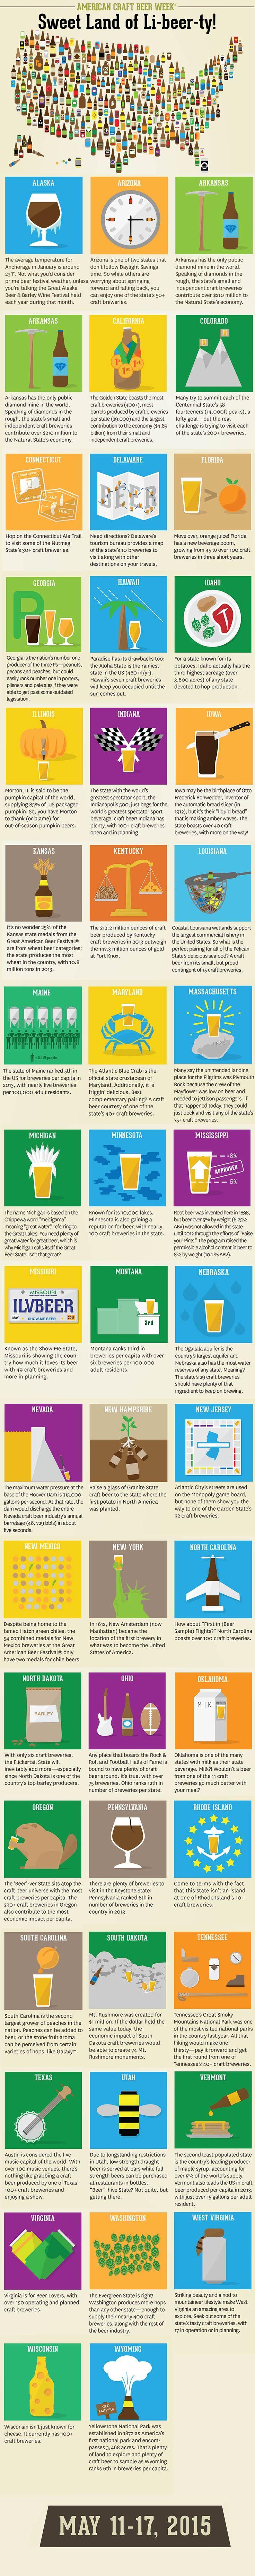 Celebrate American Craft Beer Week!   Craftbeer.com